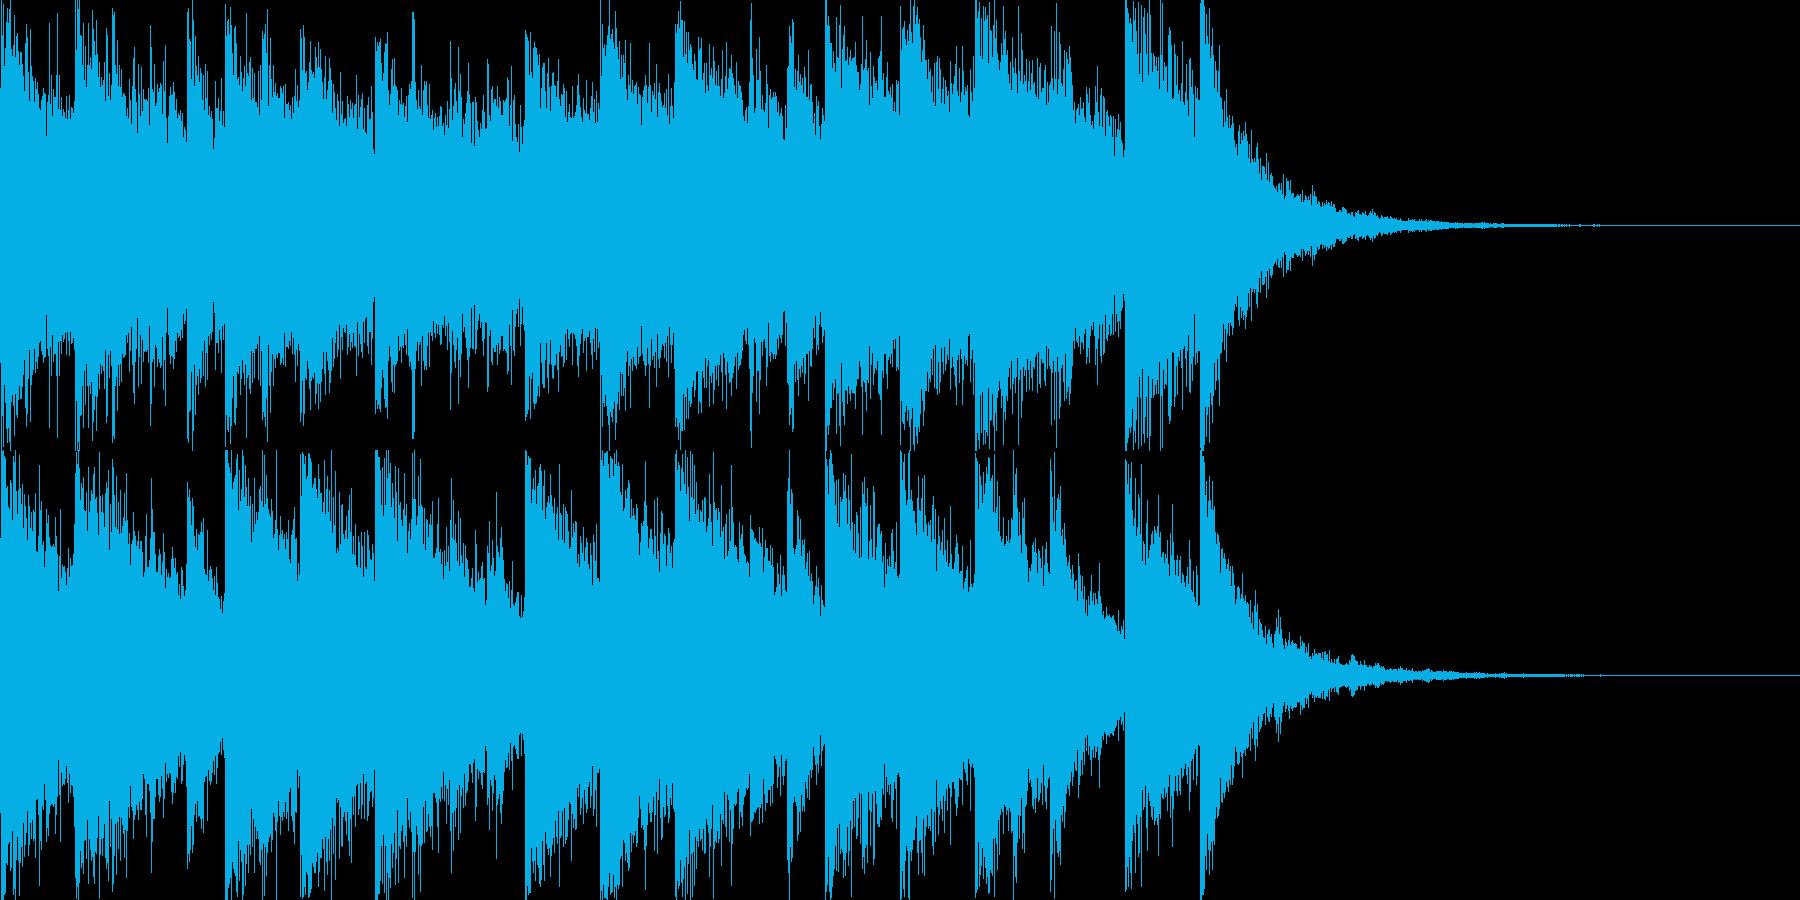 かっこいいさわやかな10秒EDMジングルの再生済みの波形